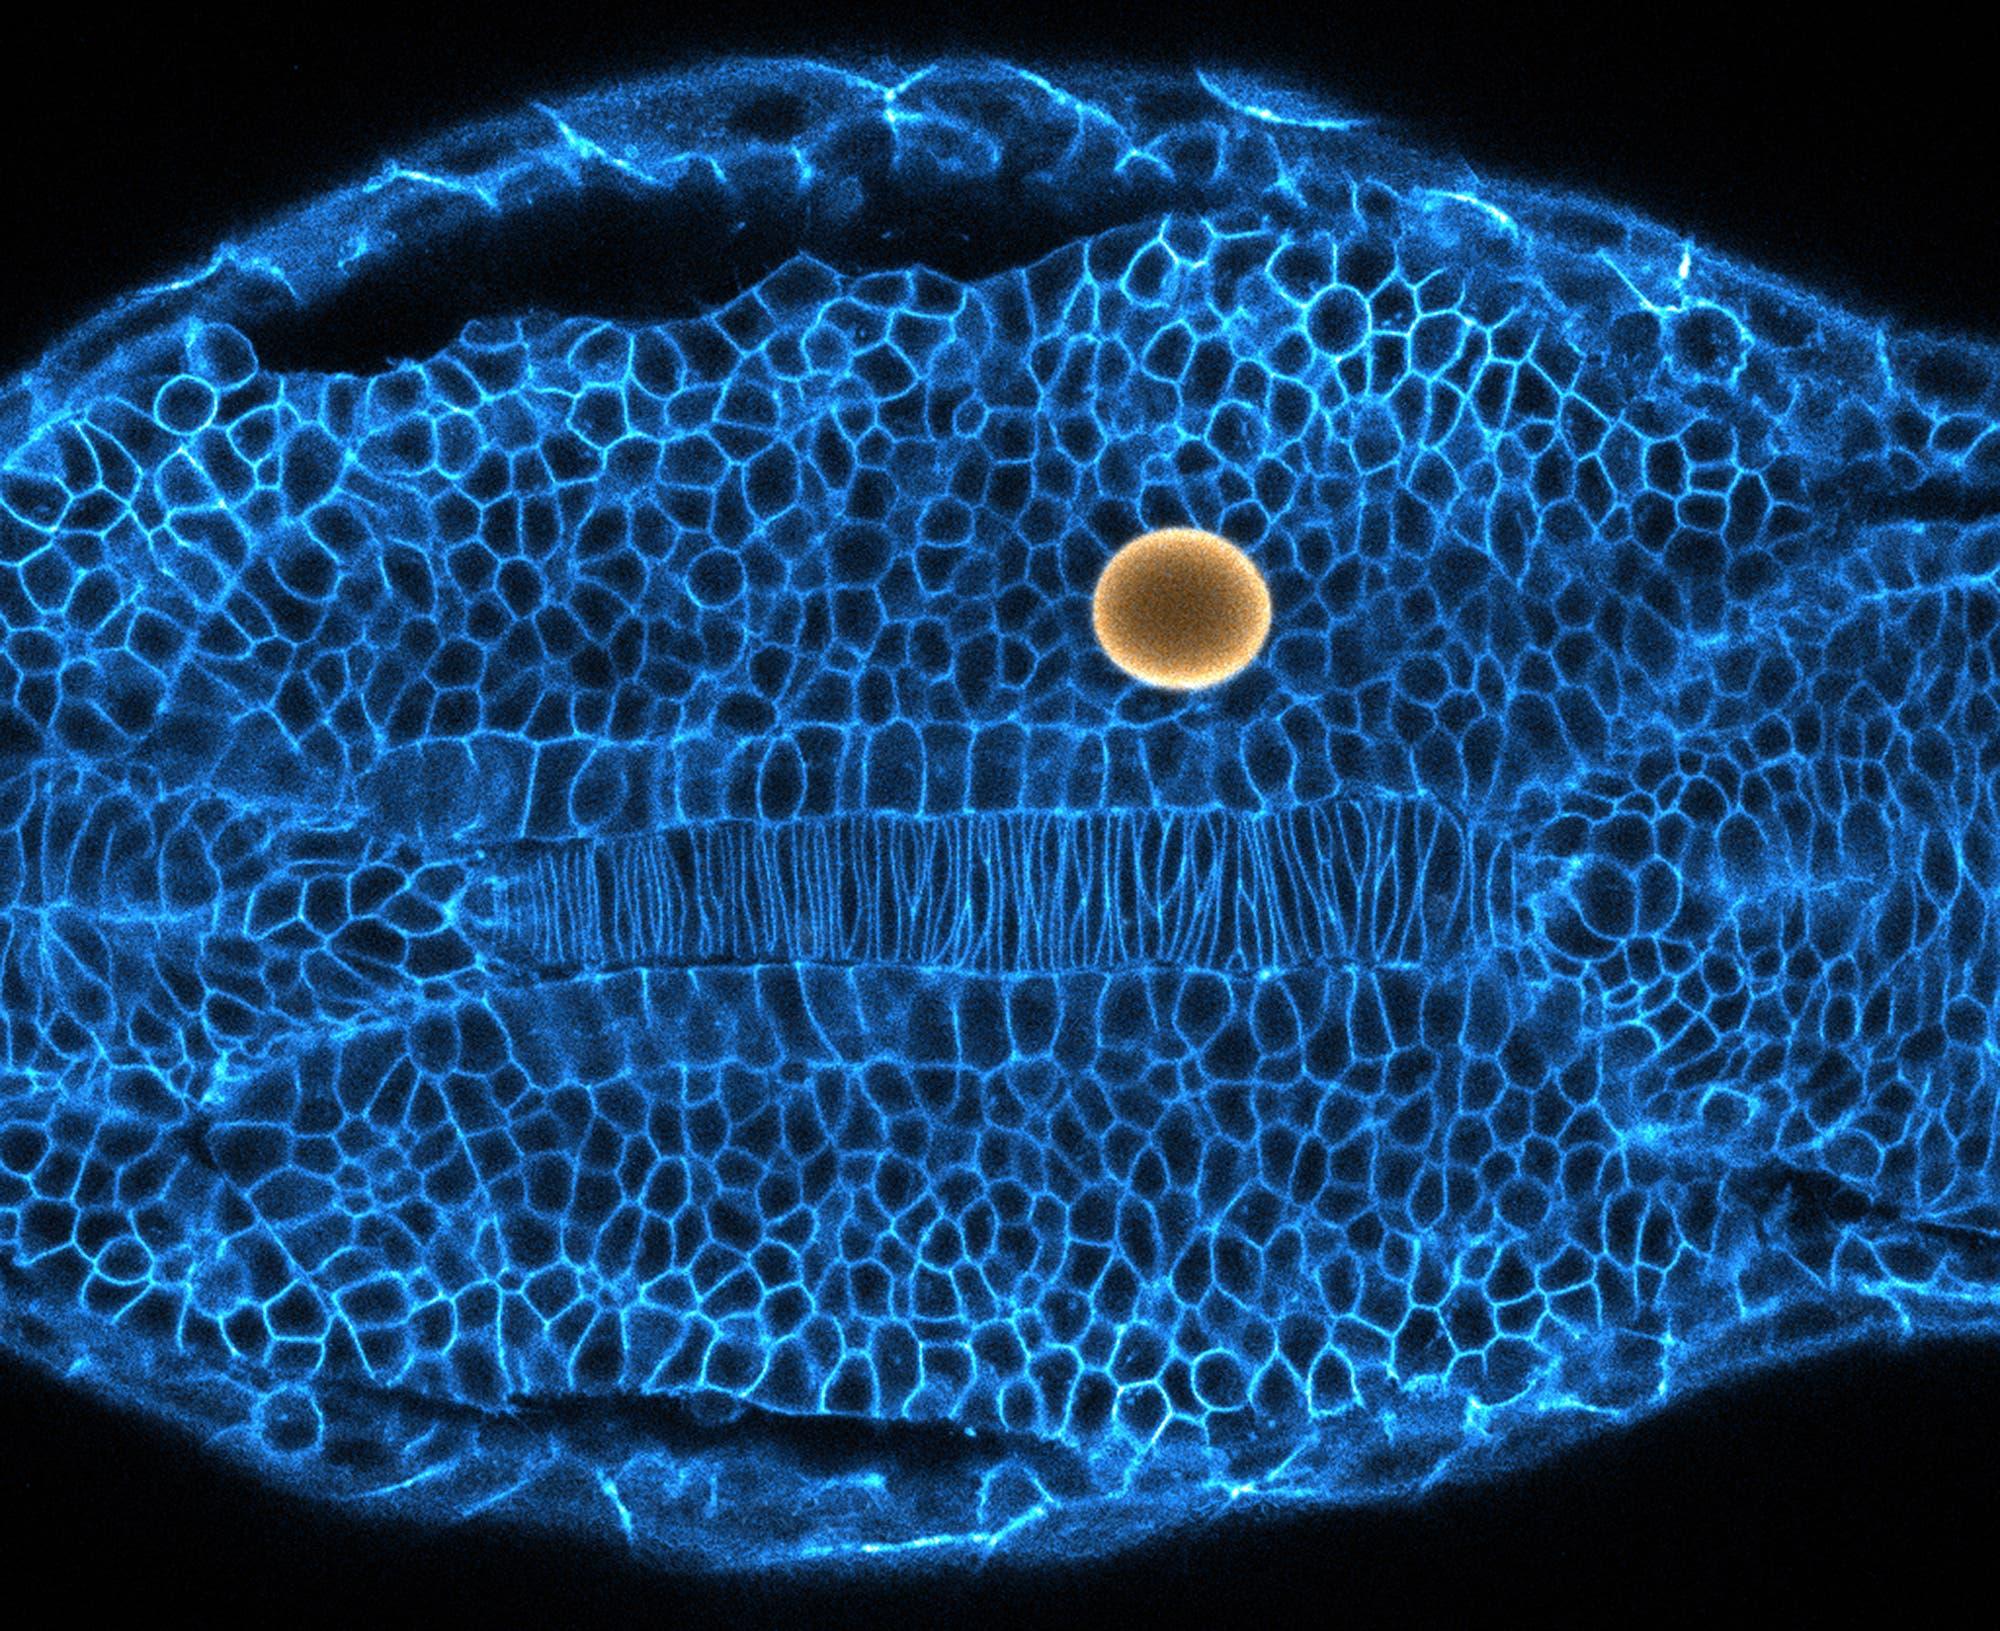 Zebrafisch Embryo